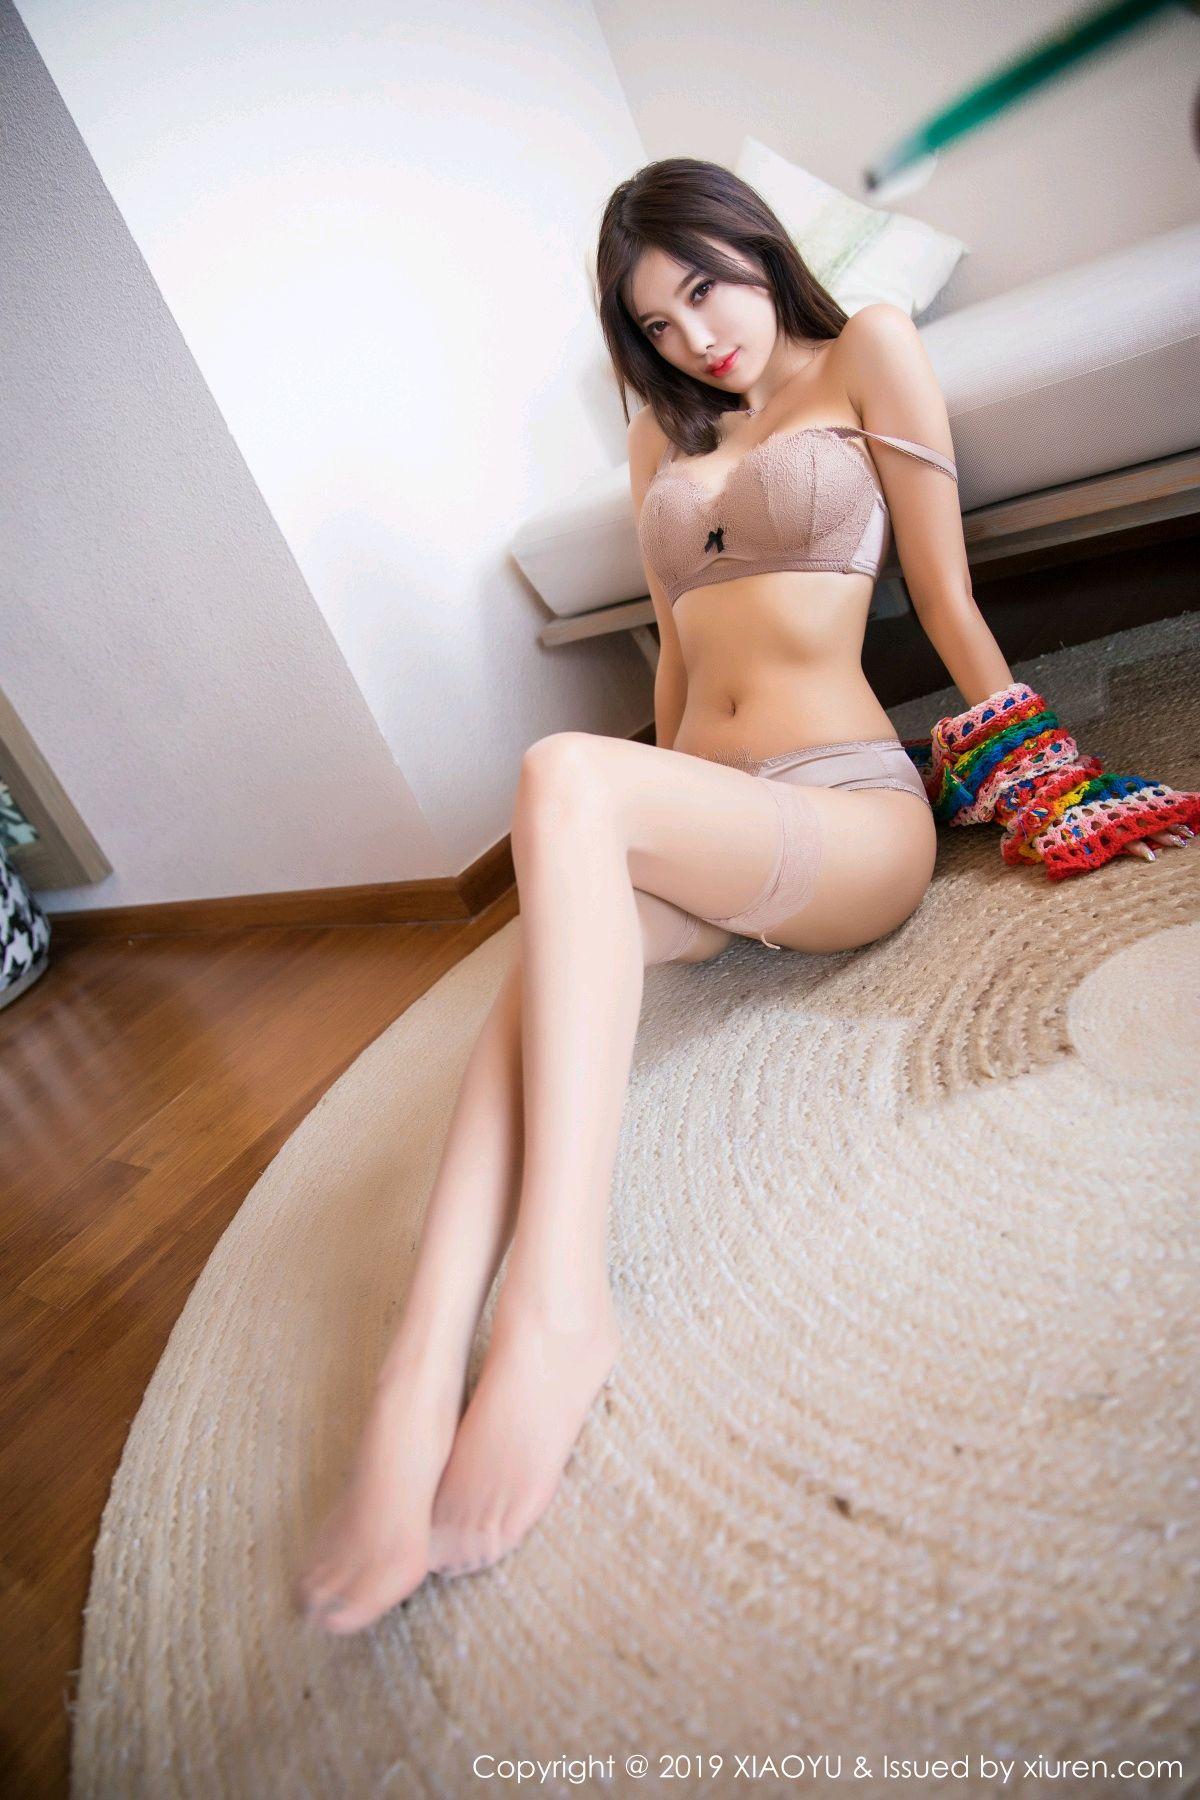 [XiaoYu] Vol.067 Yang Chen Chen 23P, Beach, Underwear, XiaoYu, Yang Chen Chen